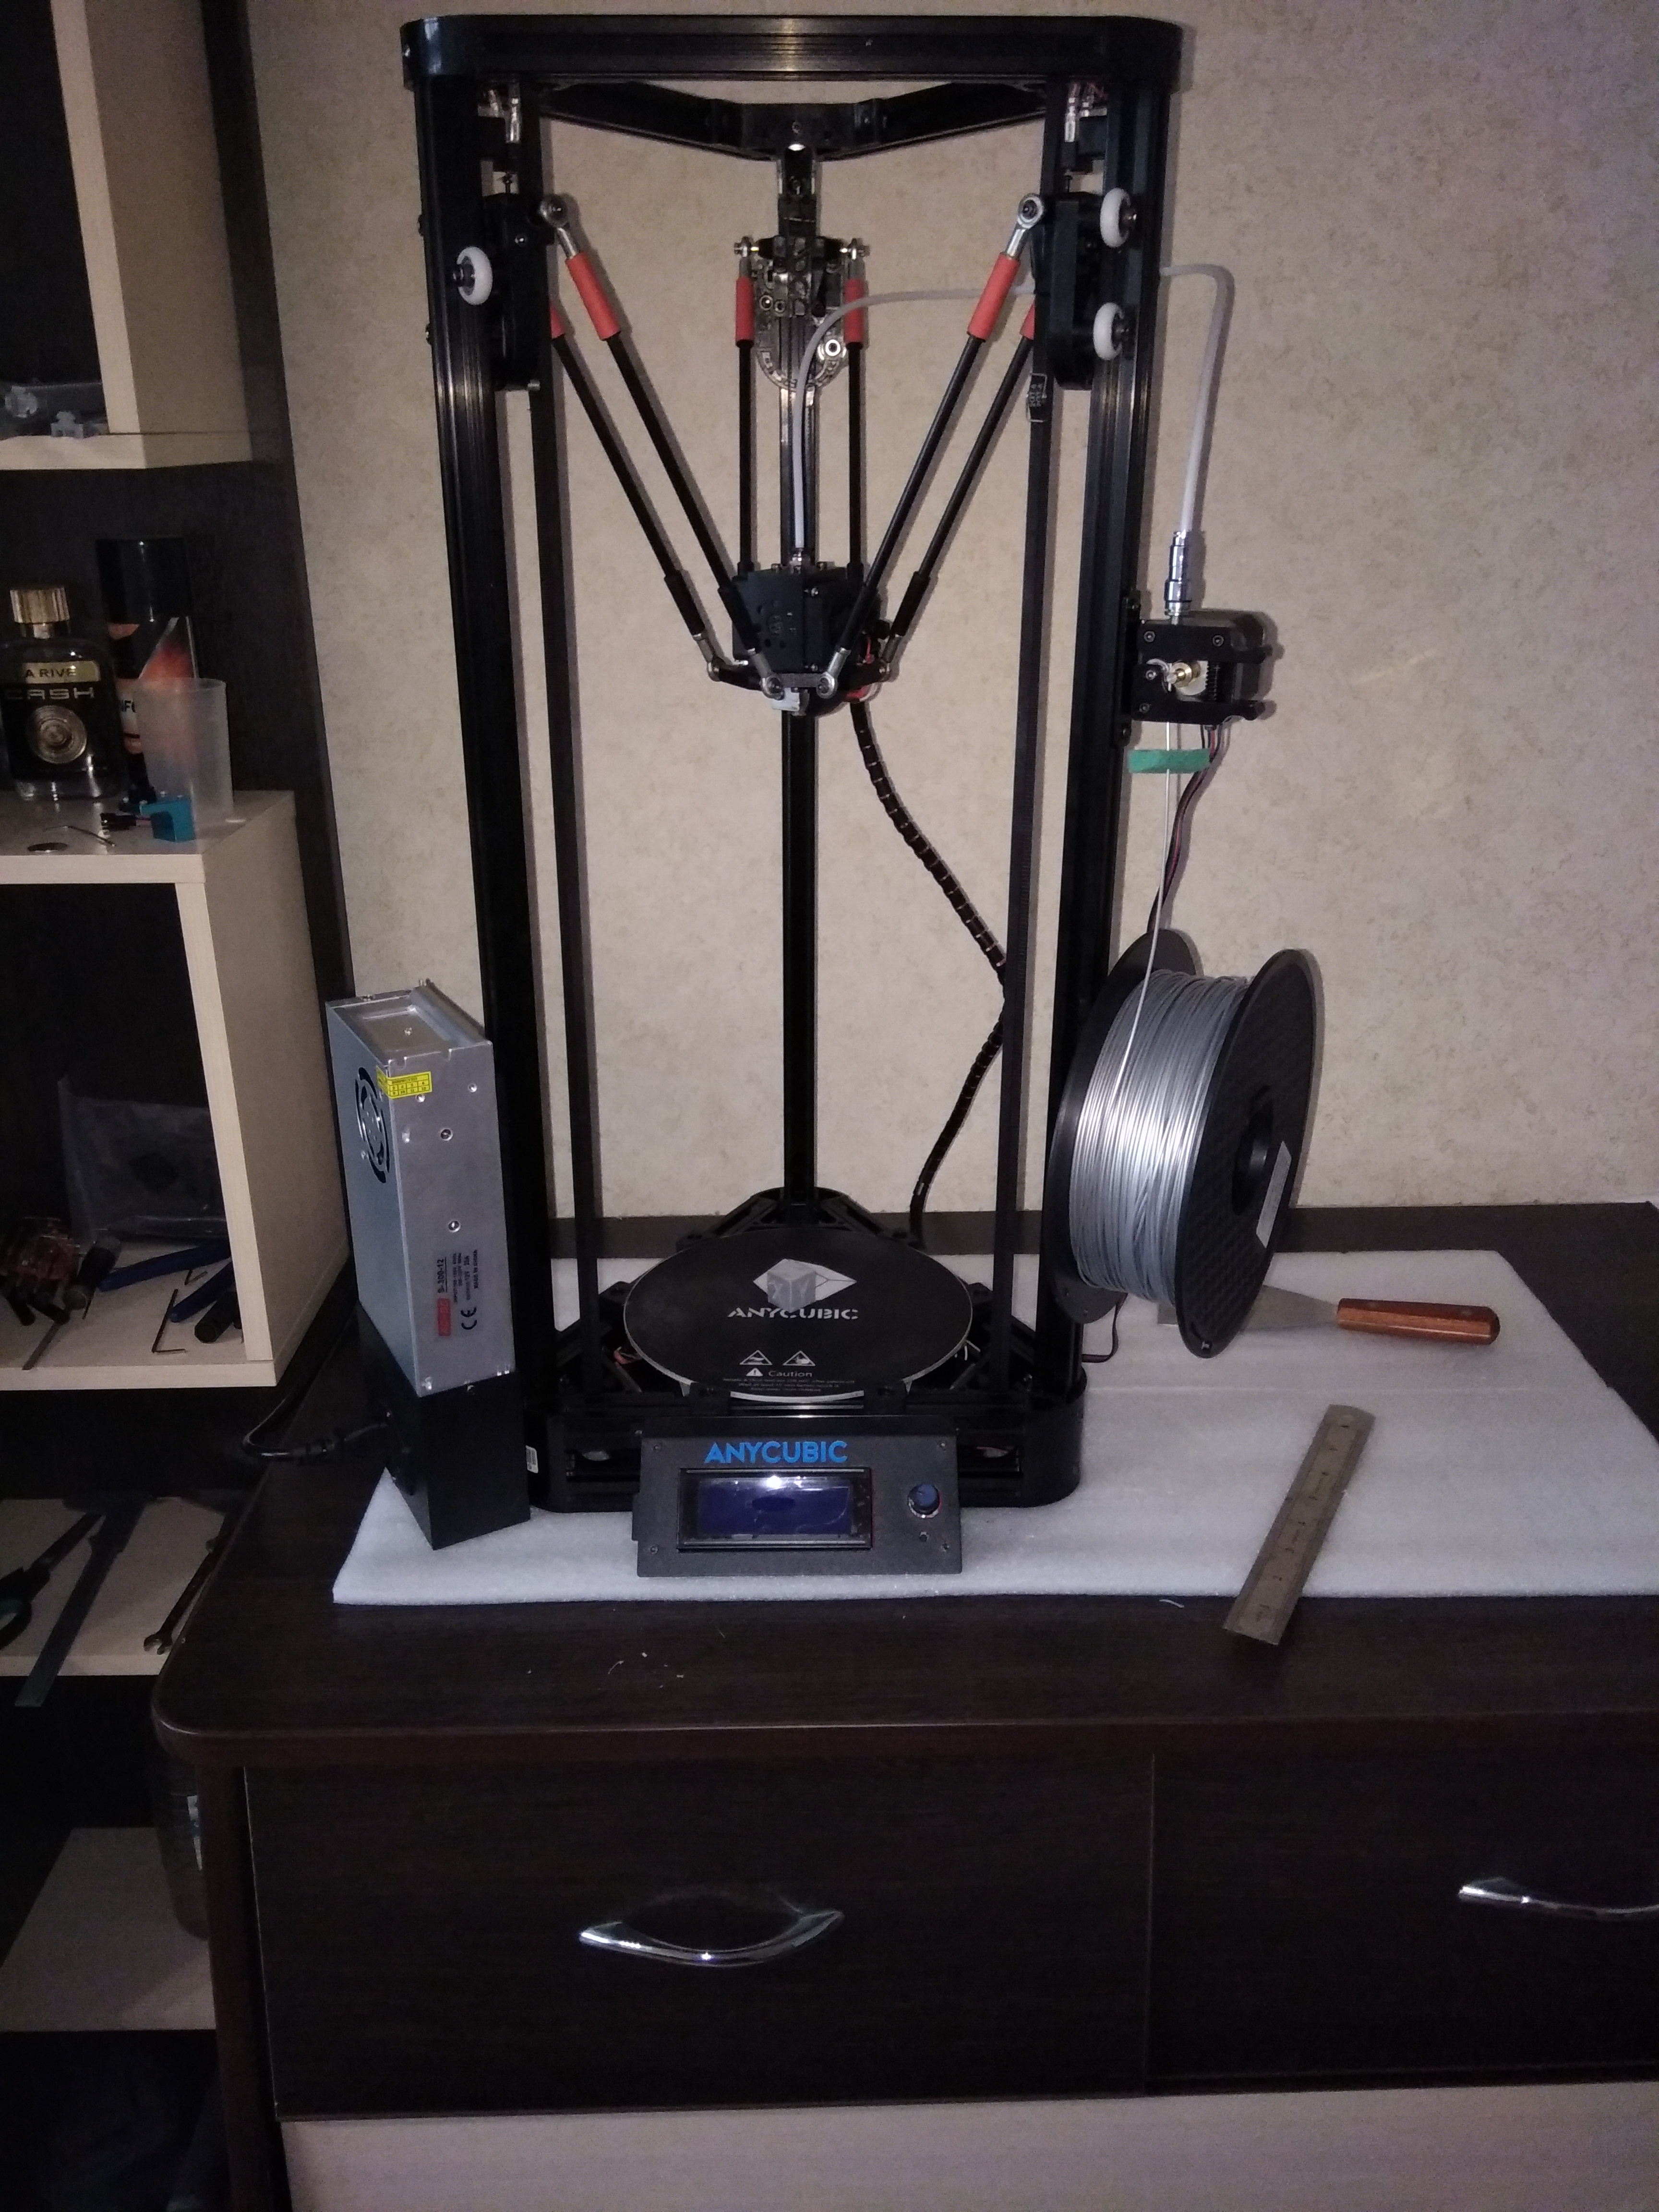 Точная настройка дельта принтера anycubic kossel на прошивке